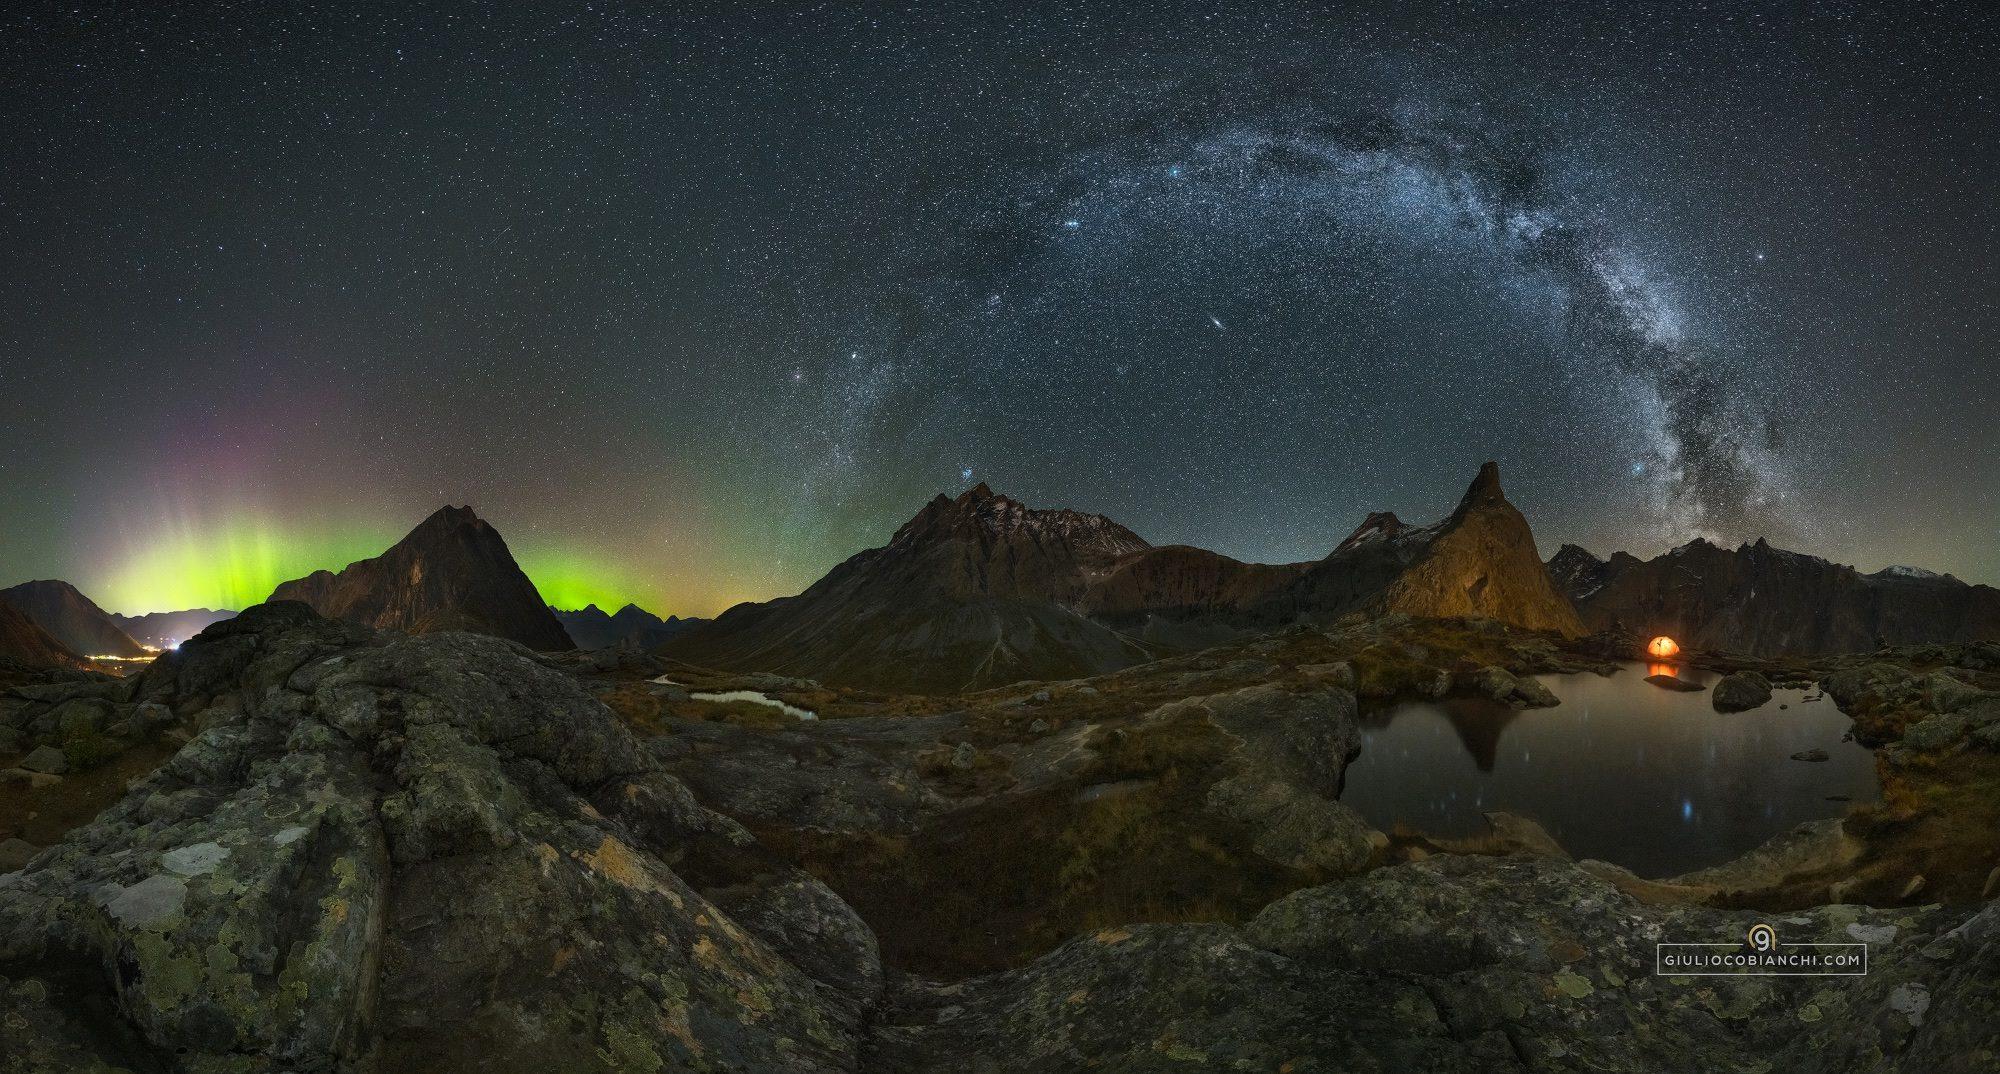 Litlefjellet in Romsdal. Photo: Giulio Cobianchi - www.giuliocobianchi.com